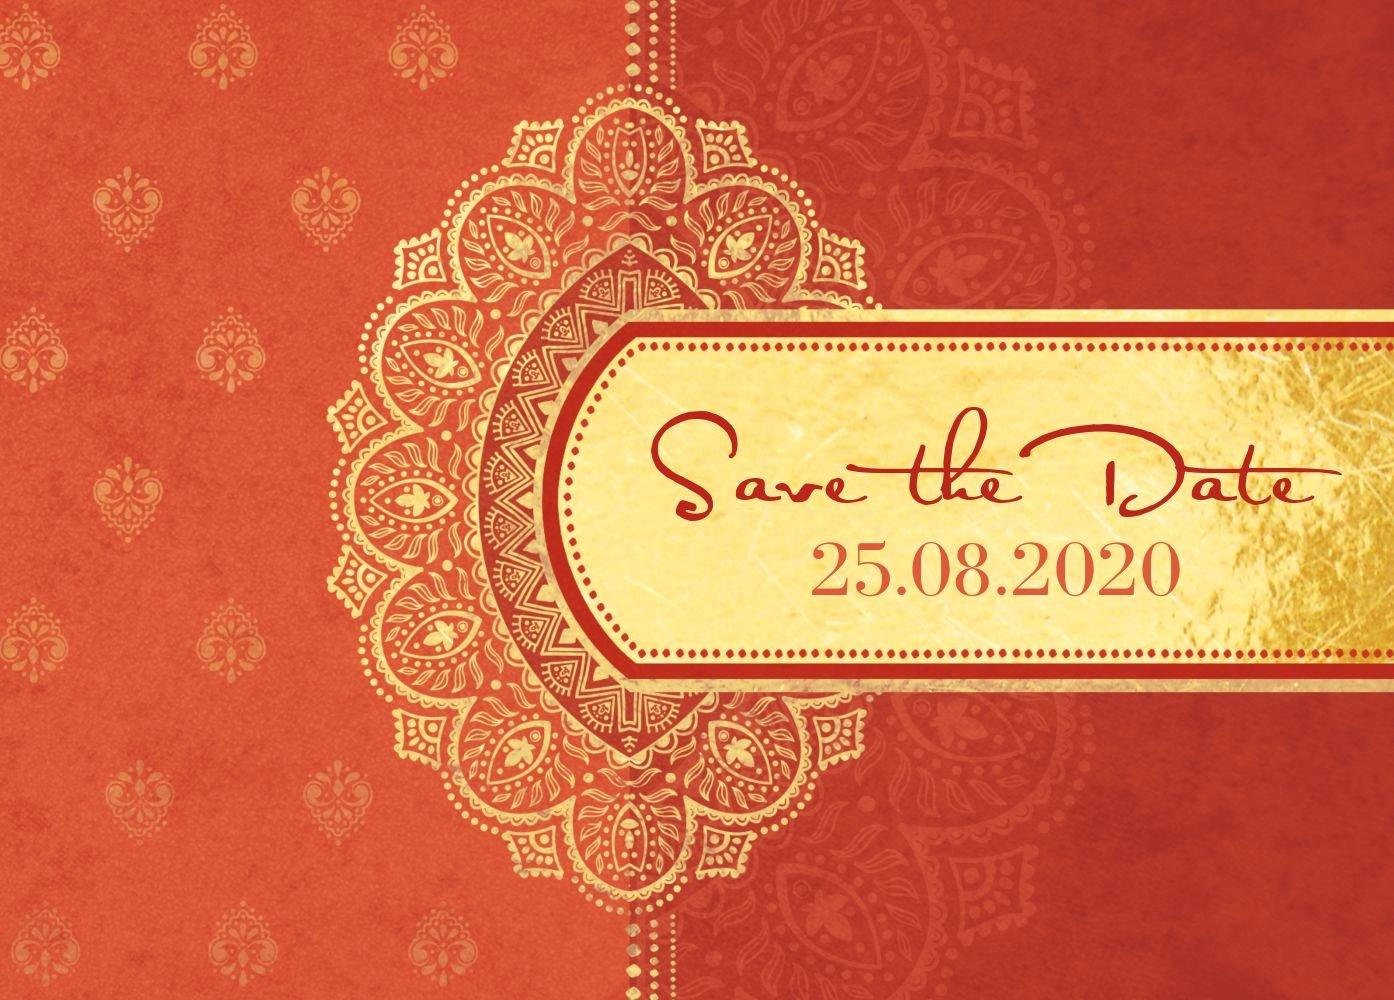 Save-the-Date Mumbai, 30 Karten, DunkelMattRot B07B6NKG6Y | Heißer Verkauf  Verkauf  Verkauf  | Neuer Eintrag  | Nutzen Sie Materialien voll aus  9b51ff